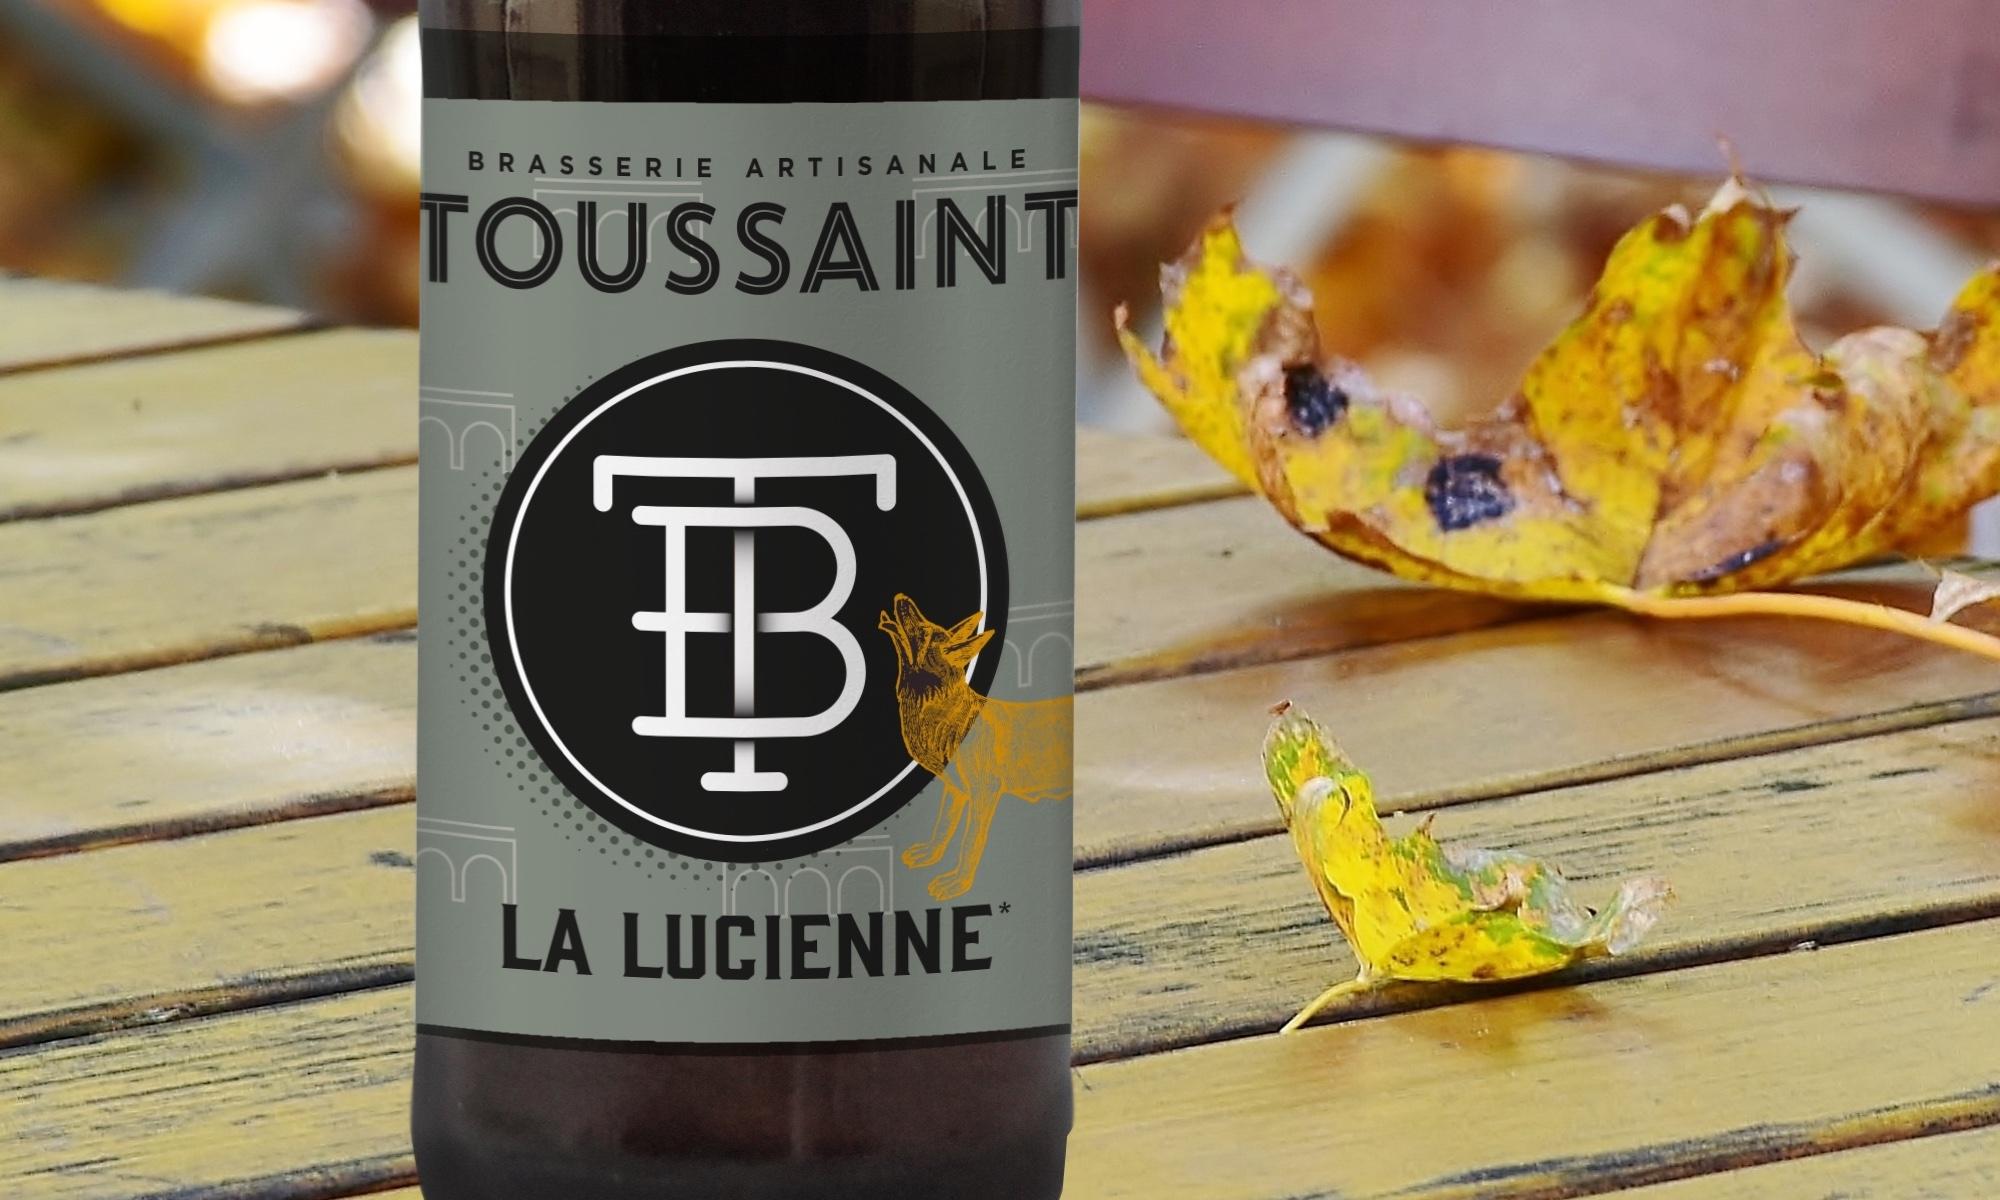 Toussaint La Lucienne